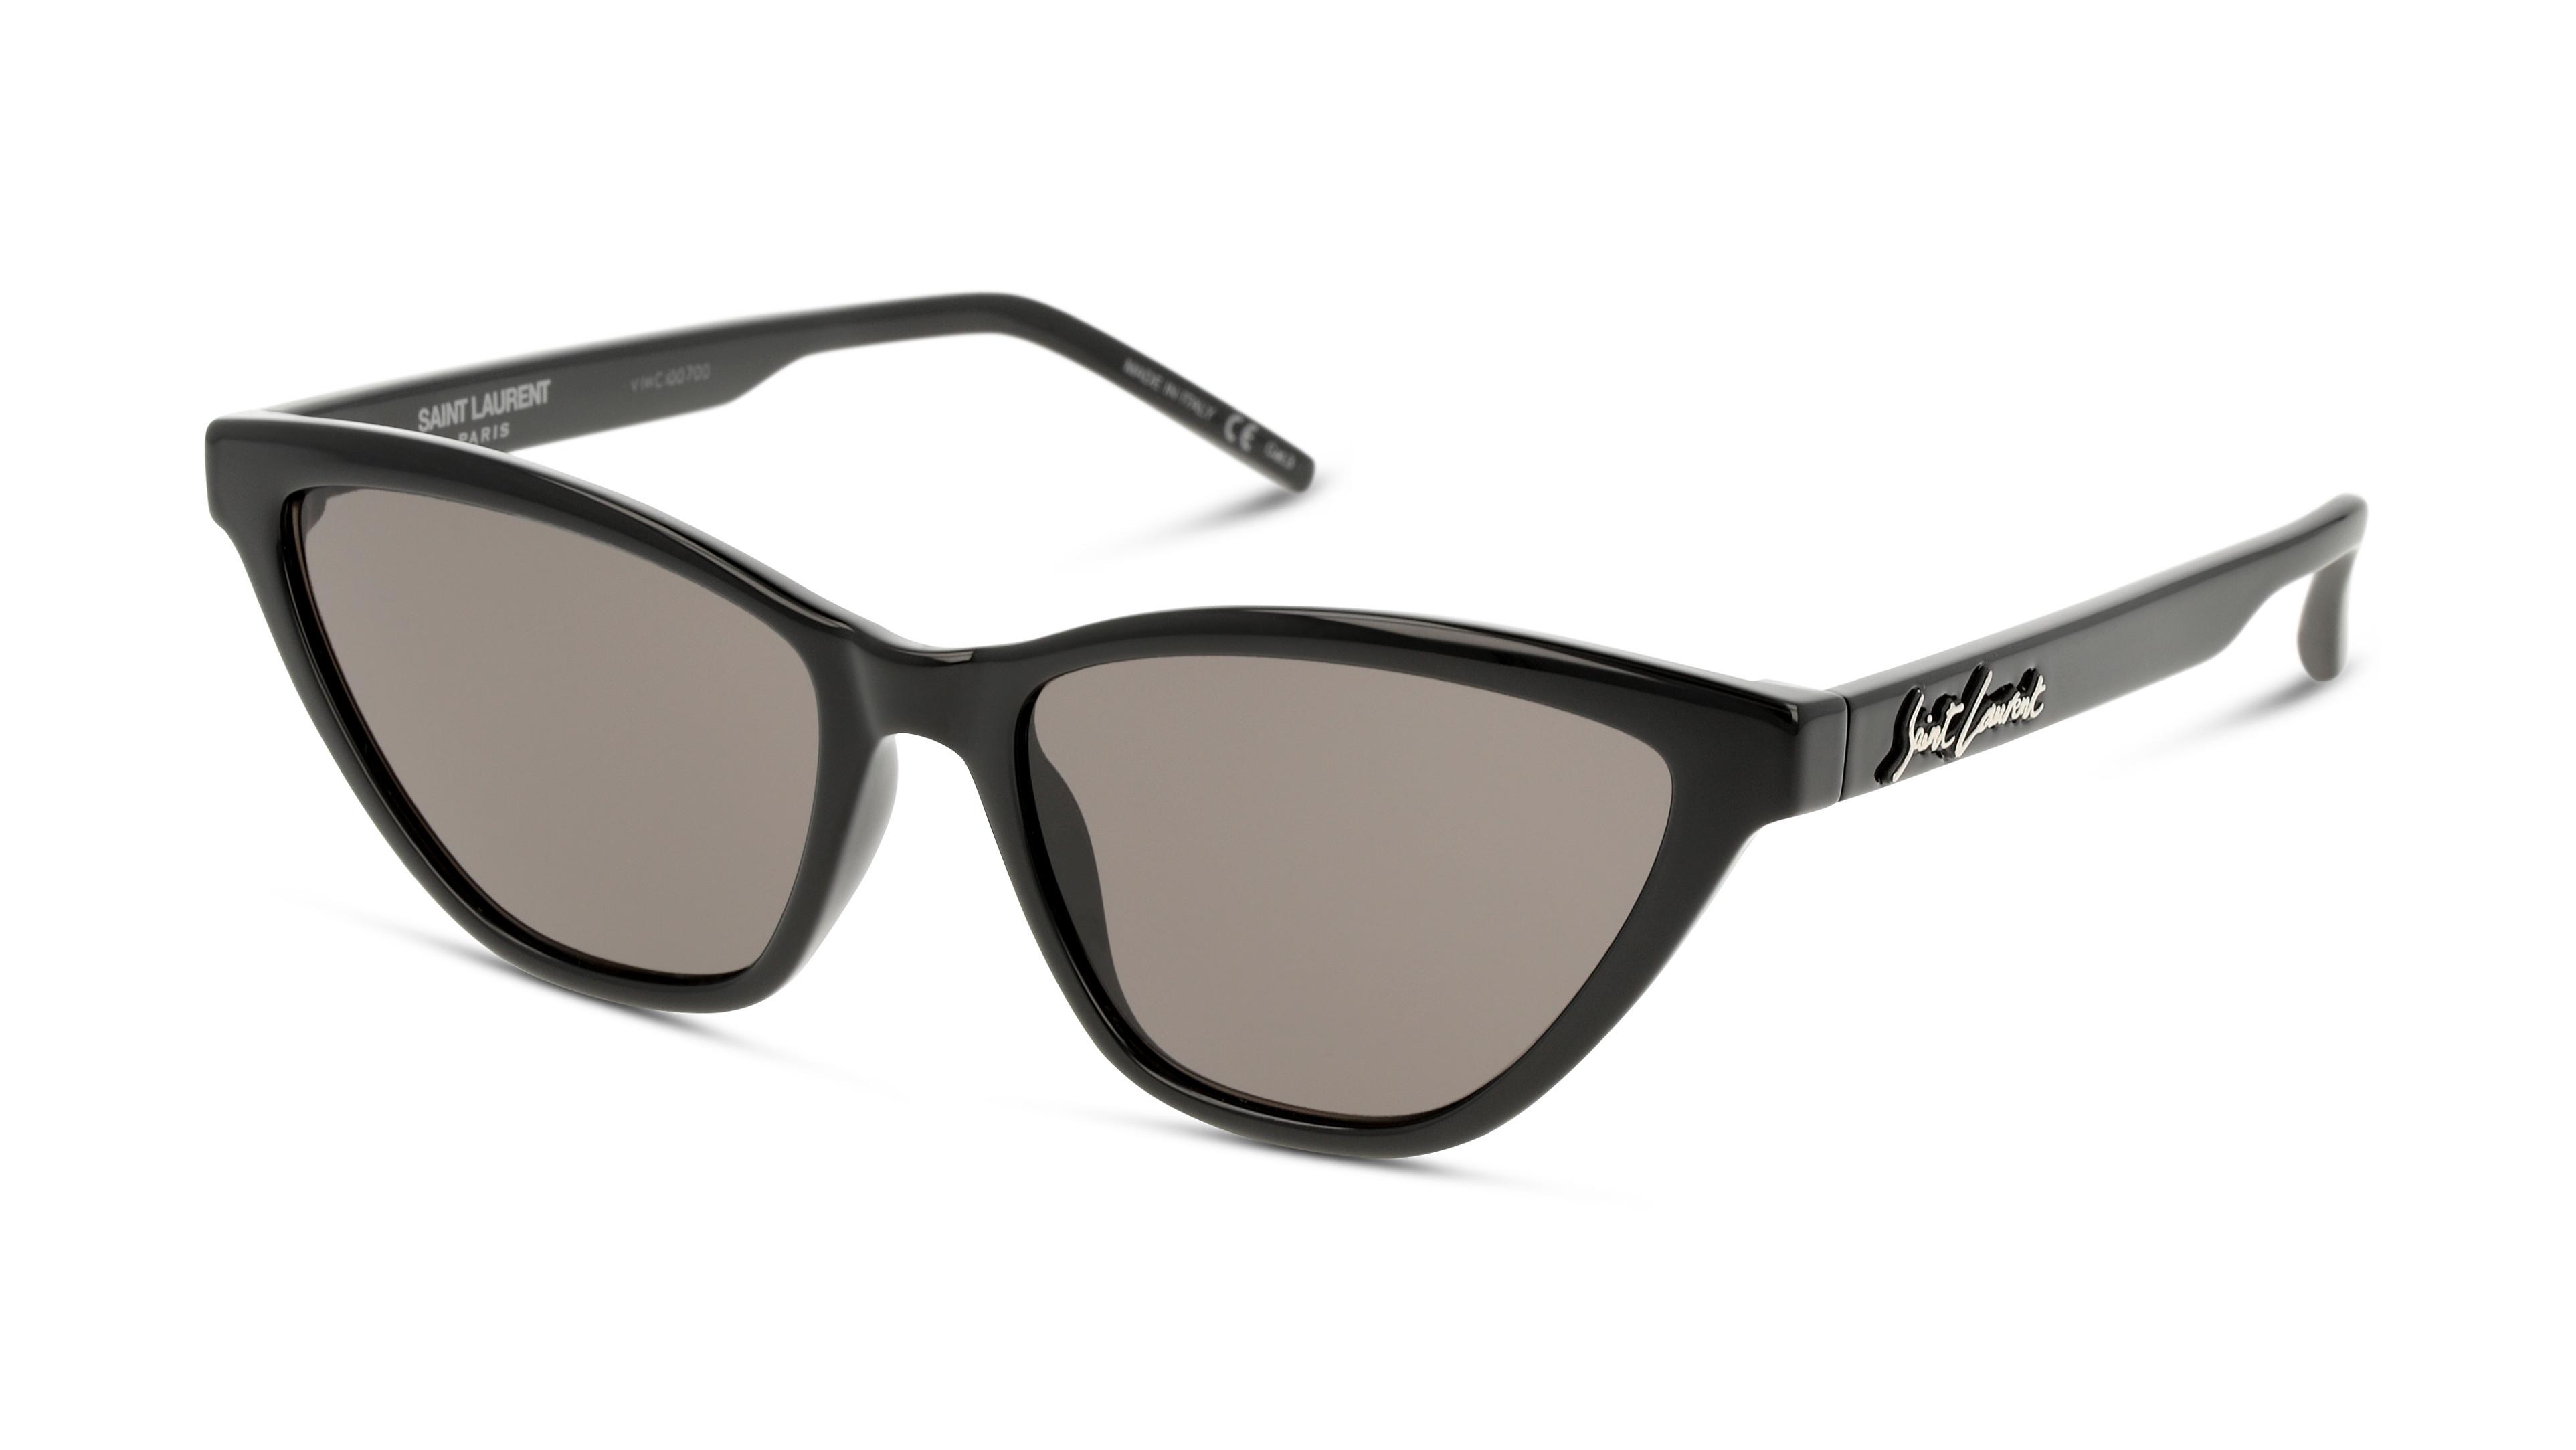 8056376302103-angle-03-saint-laurent-sl_333-eyewear-black-black-black